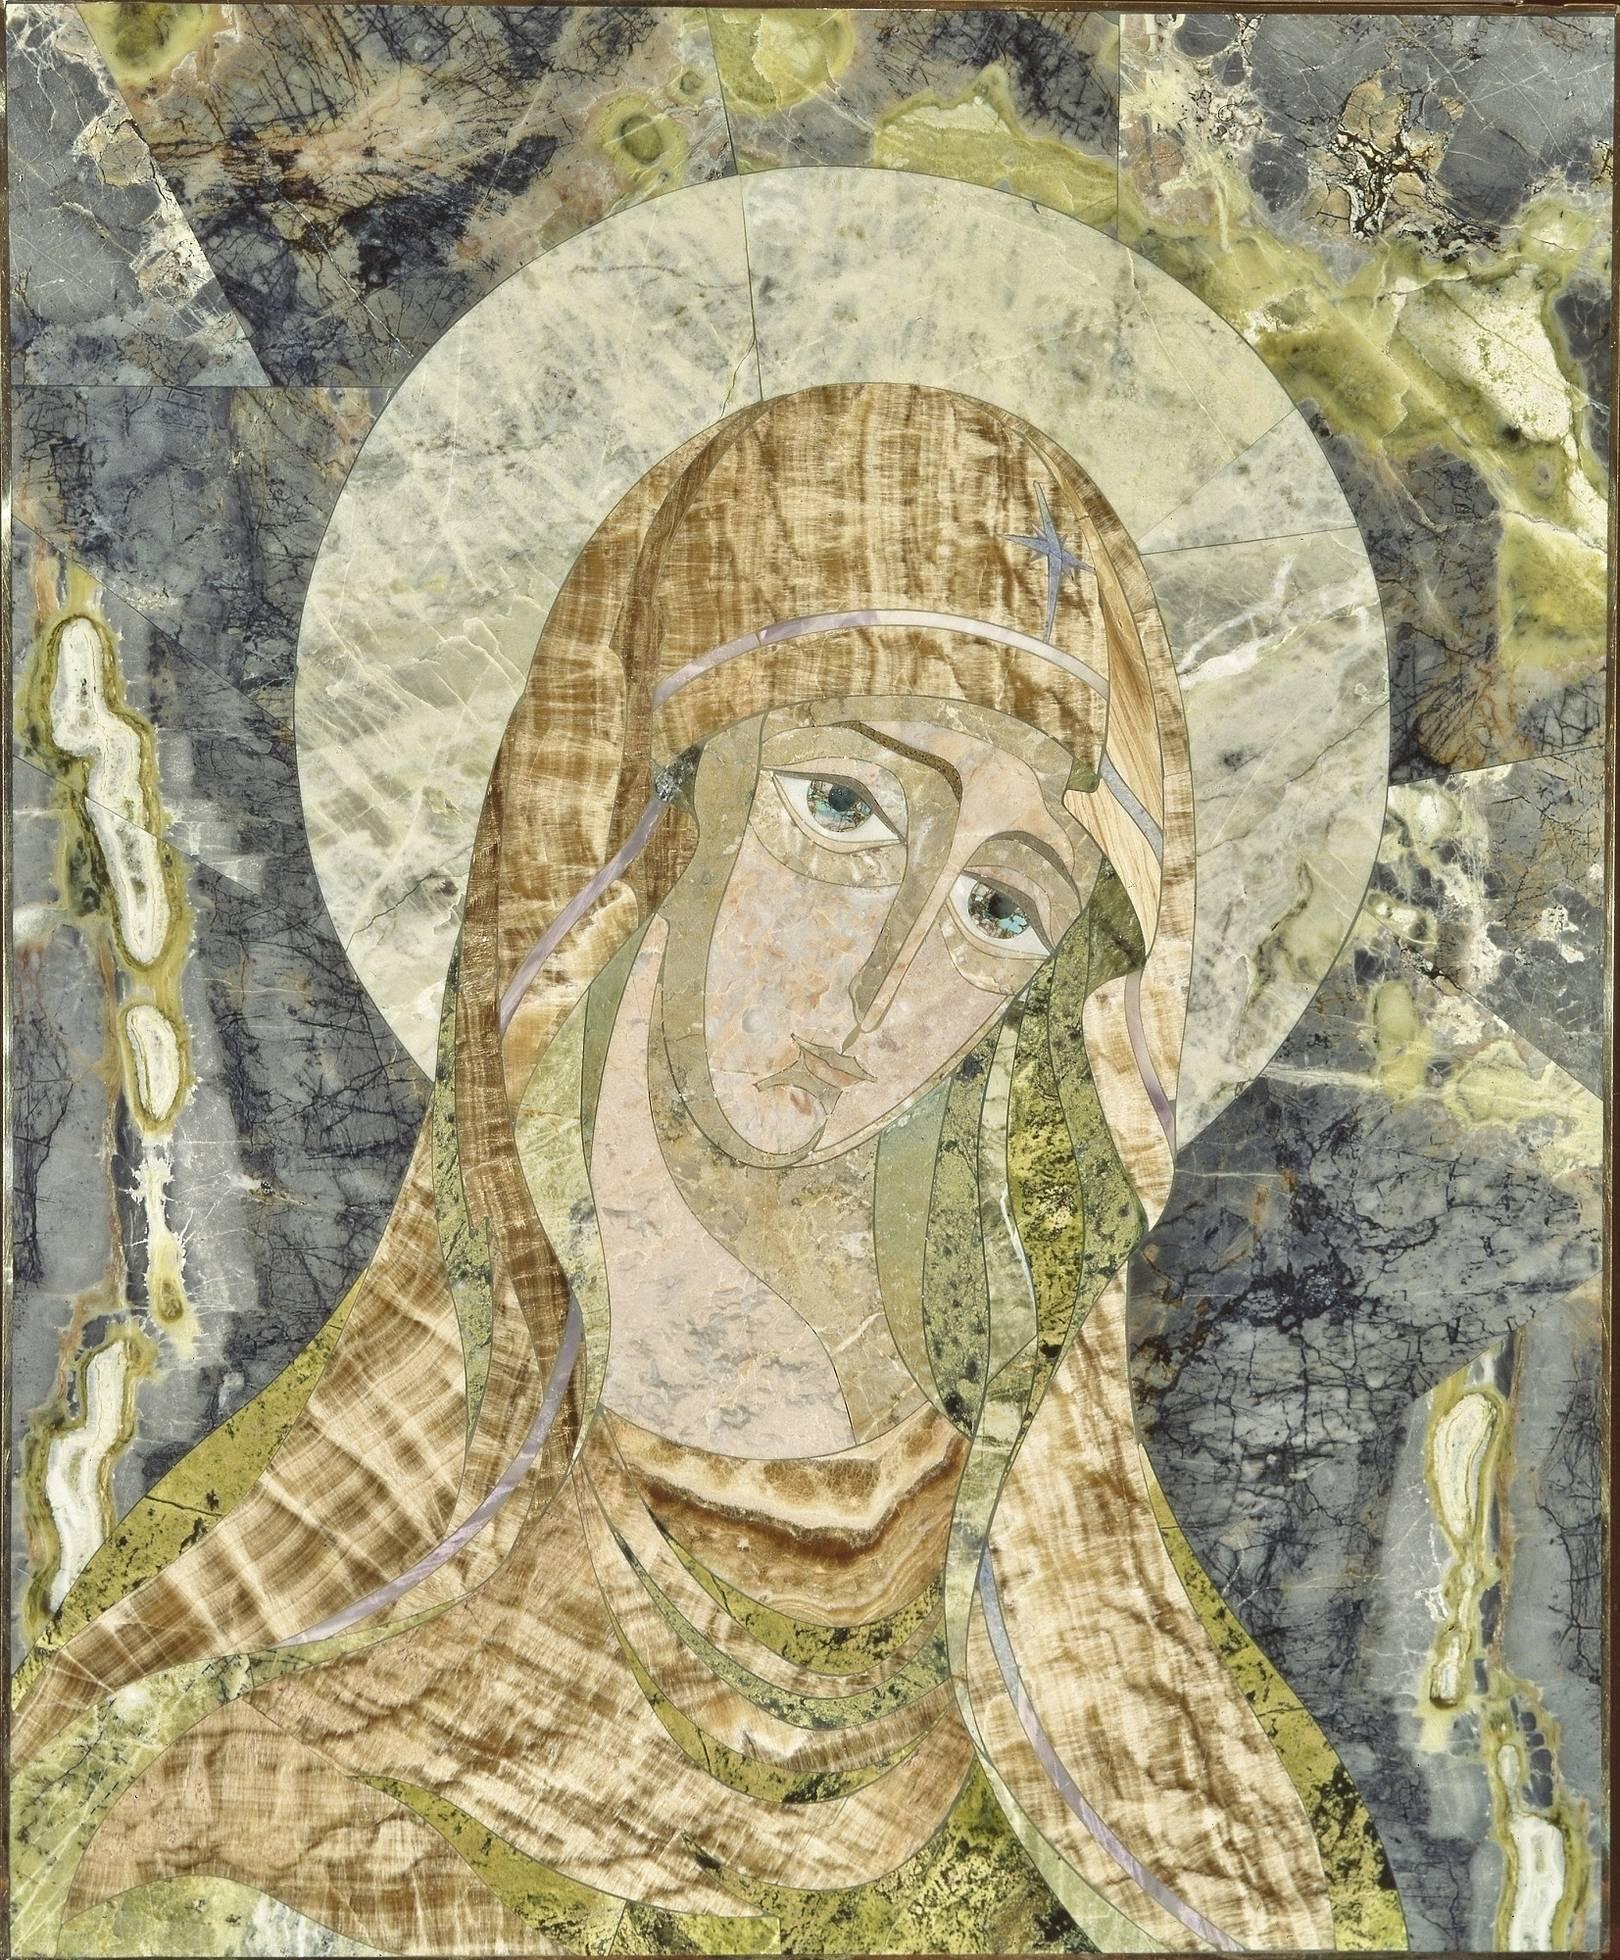 """""""Богоматерь"""" флорентийская мозаика: кальцифир (амурский), оникс, лиственит, бирюза, мрамор, халцедон сиреневый."""